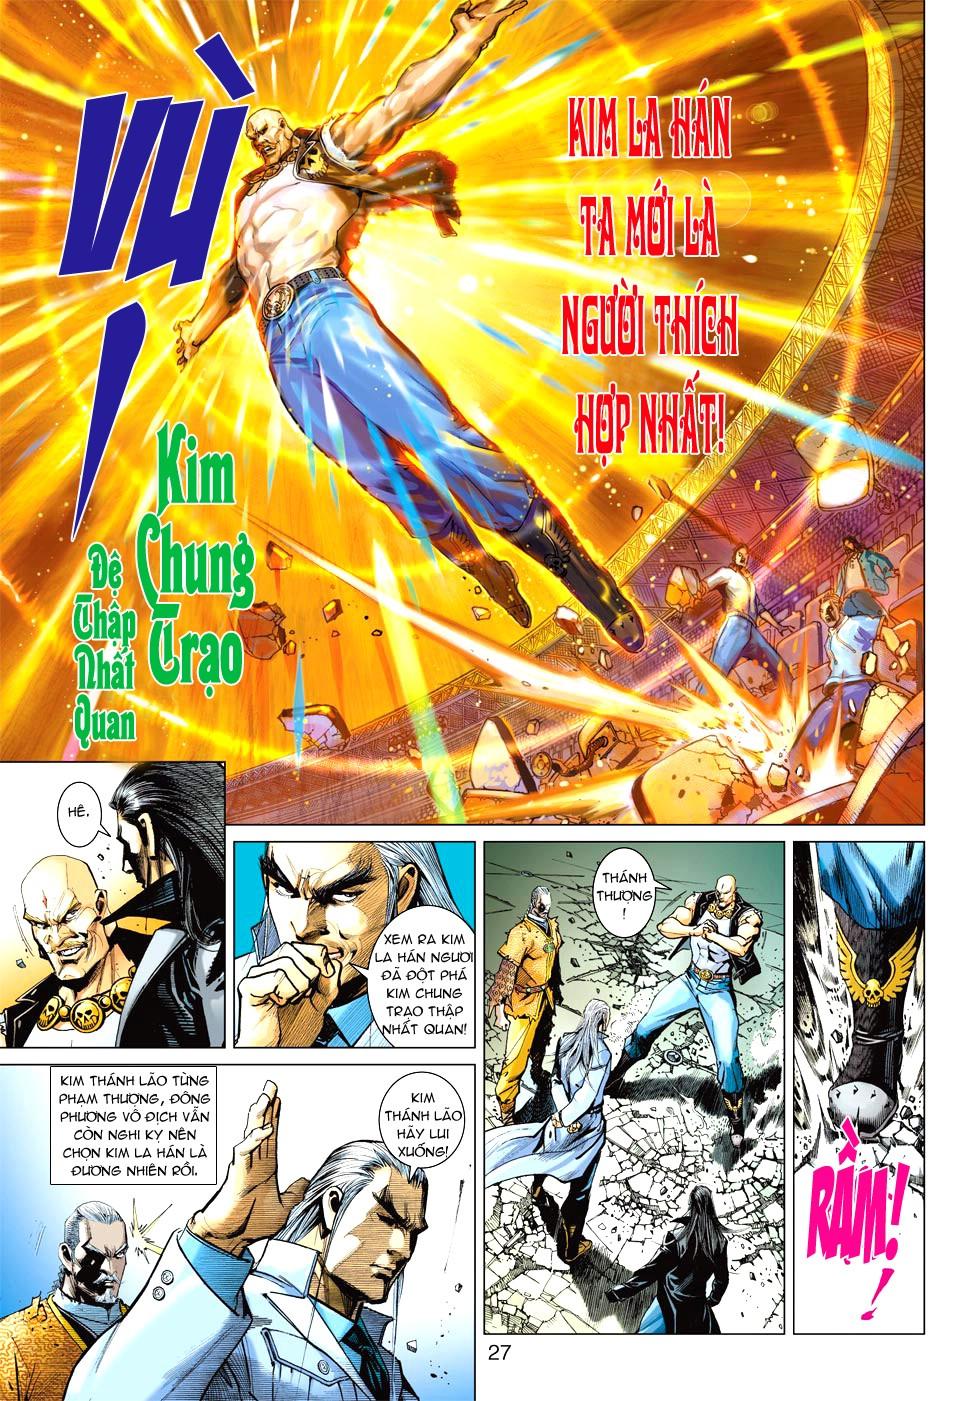 Vương Phong Lôi 1 chap 27 - Trang 24